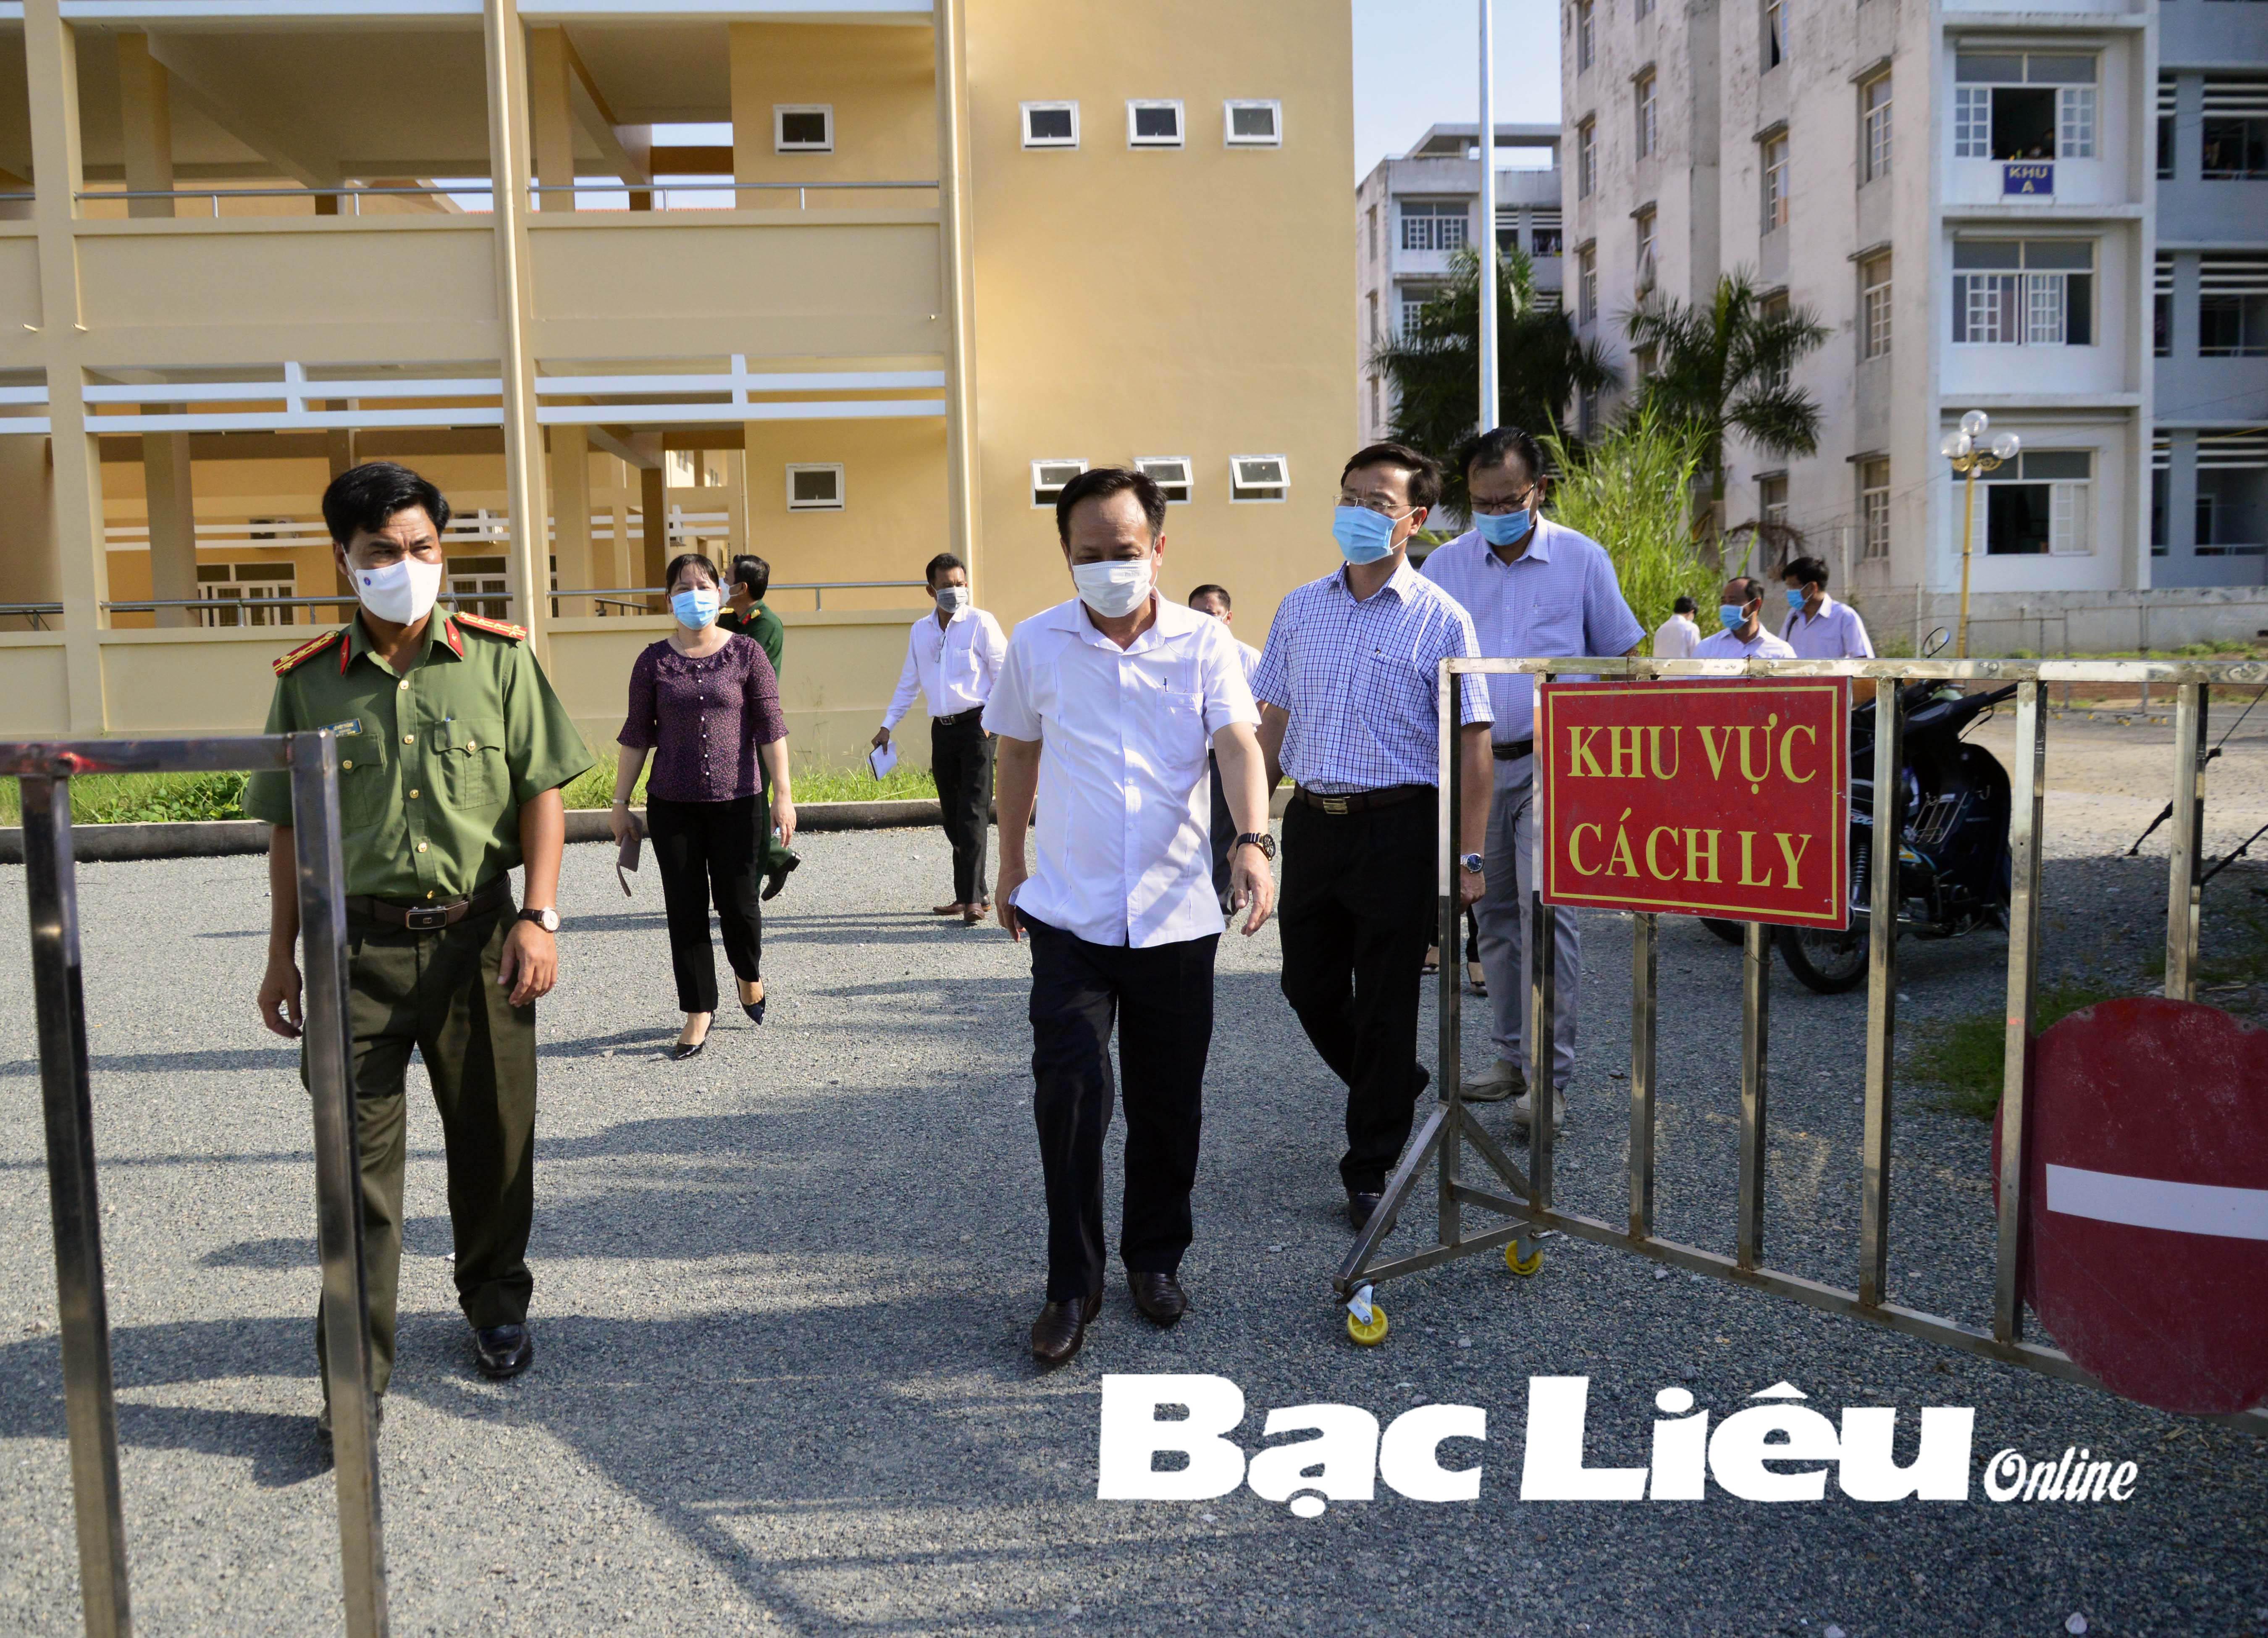 Chủ tịch UBND tỉnh - Phạm Văn Thiều: Đề cao cảnh giác, quyết liệt thực hiện các biện pháp phòng, chống dịch bệnh COVID-19